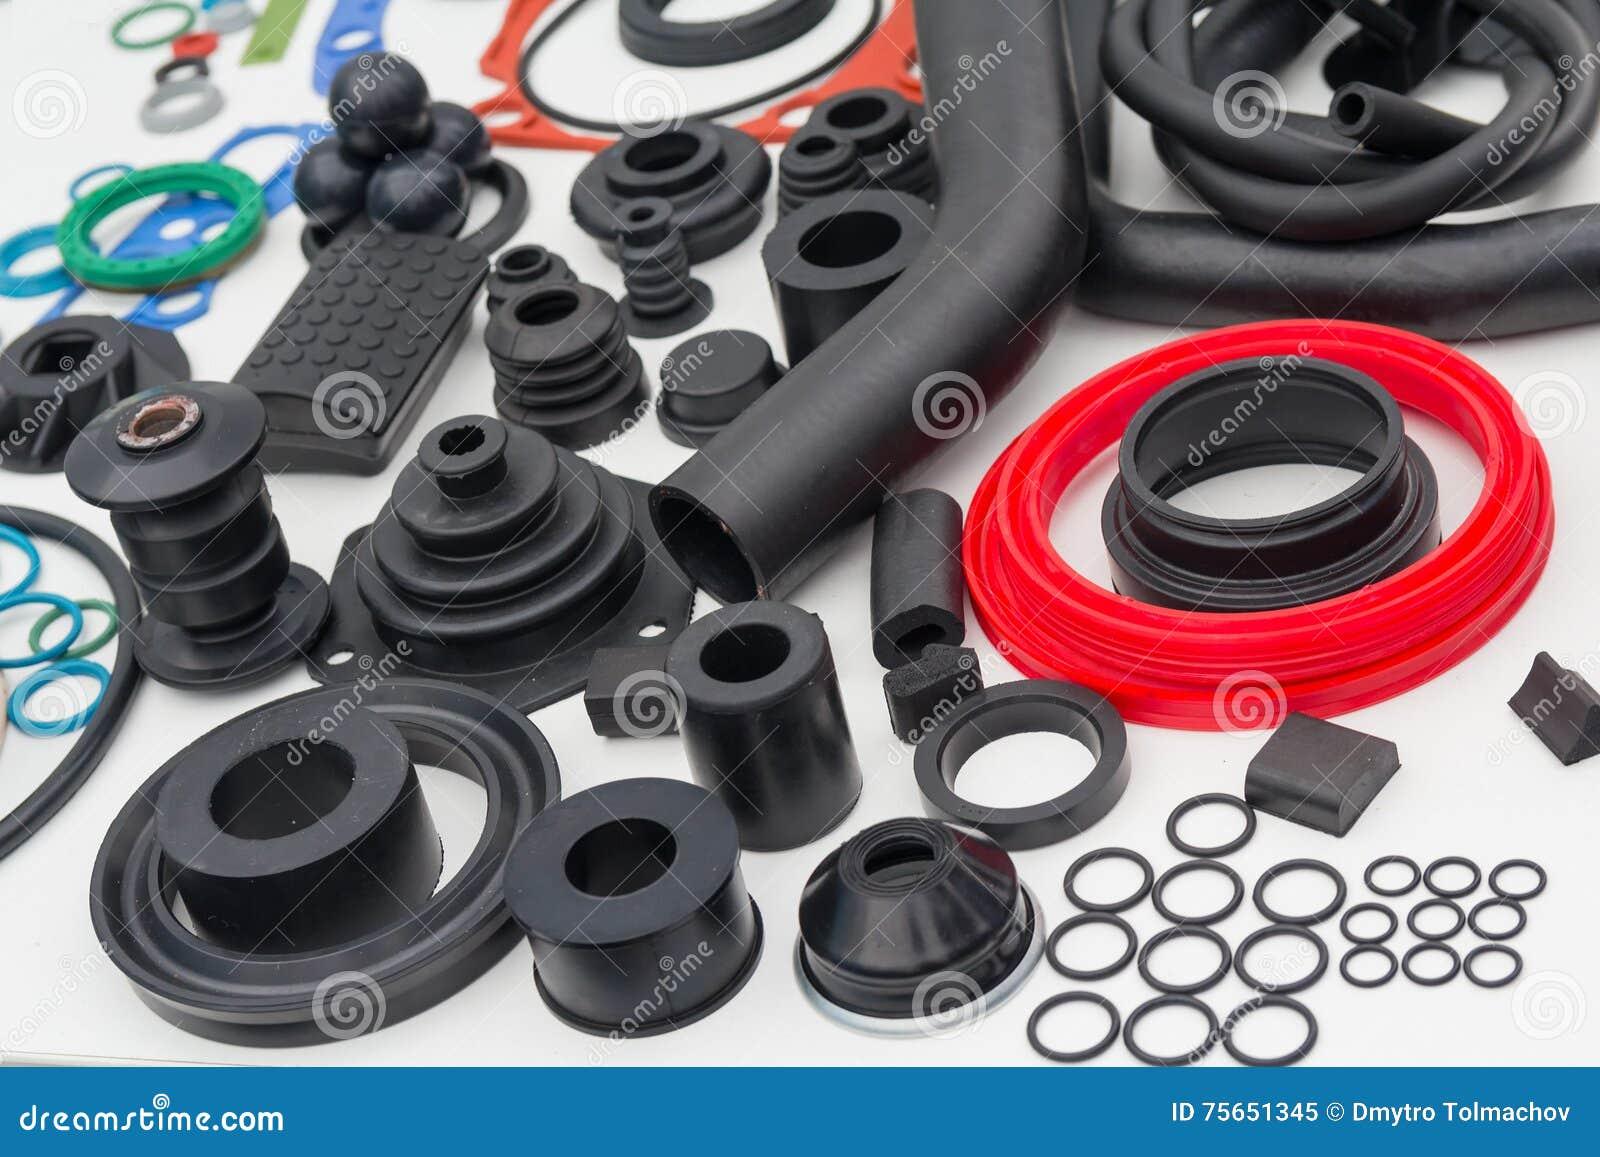 各种各样的橡胶产品和海豹捕猎产品在陈列s